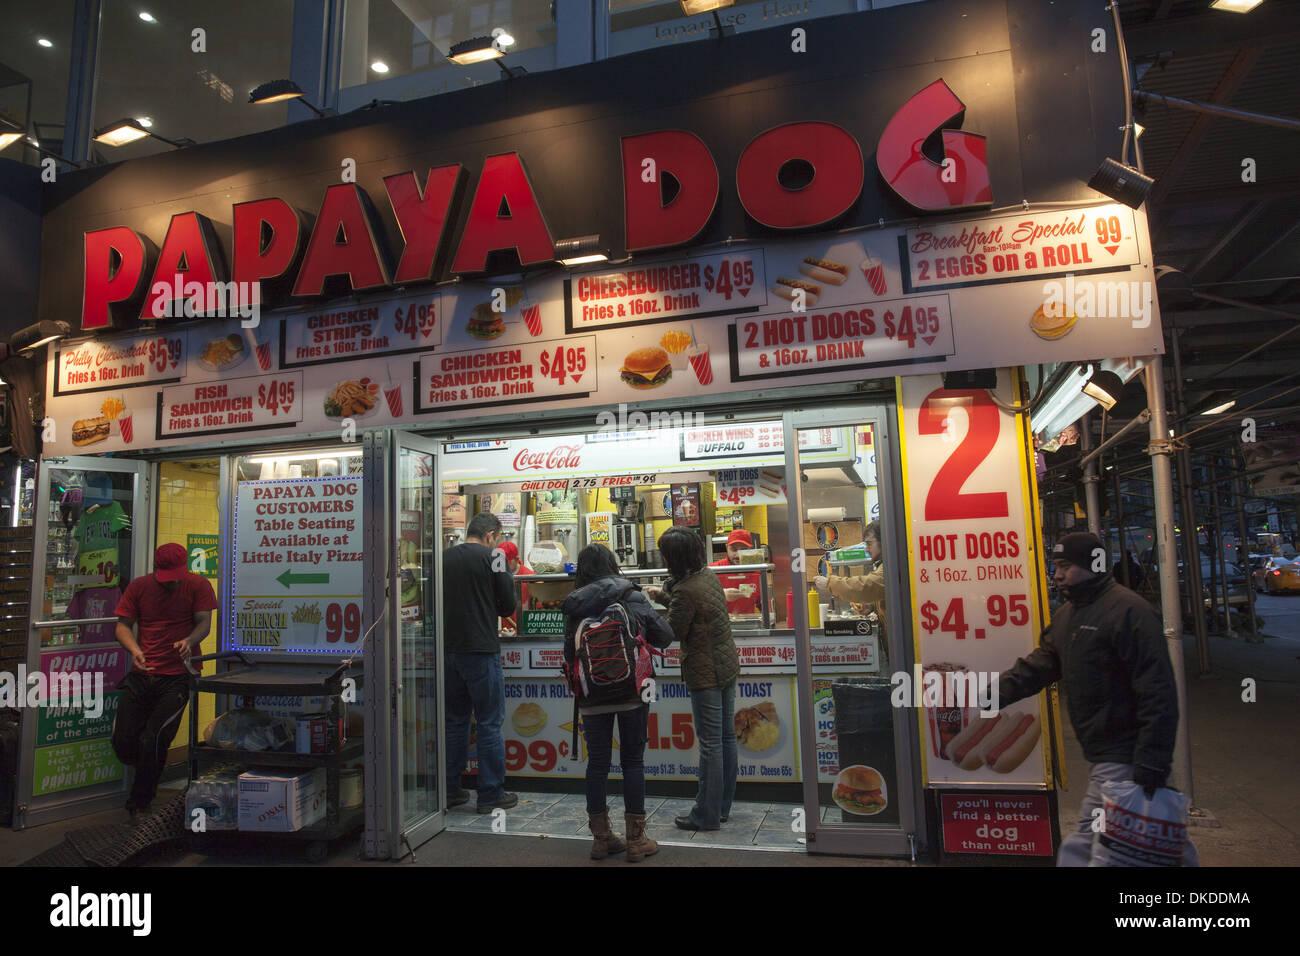 Hot Dog Franchise Stock Photos & Hot Dog Franchise Stock Images ...